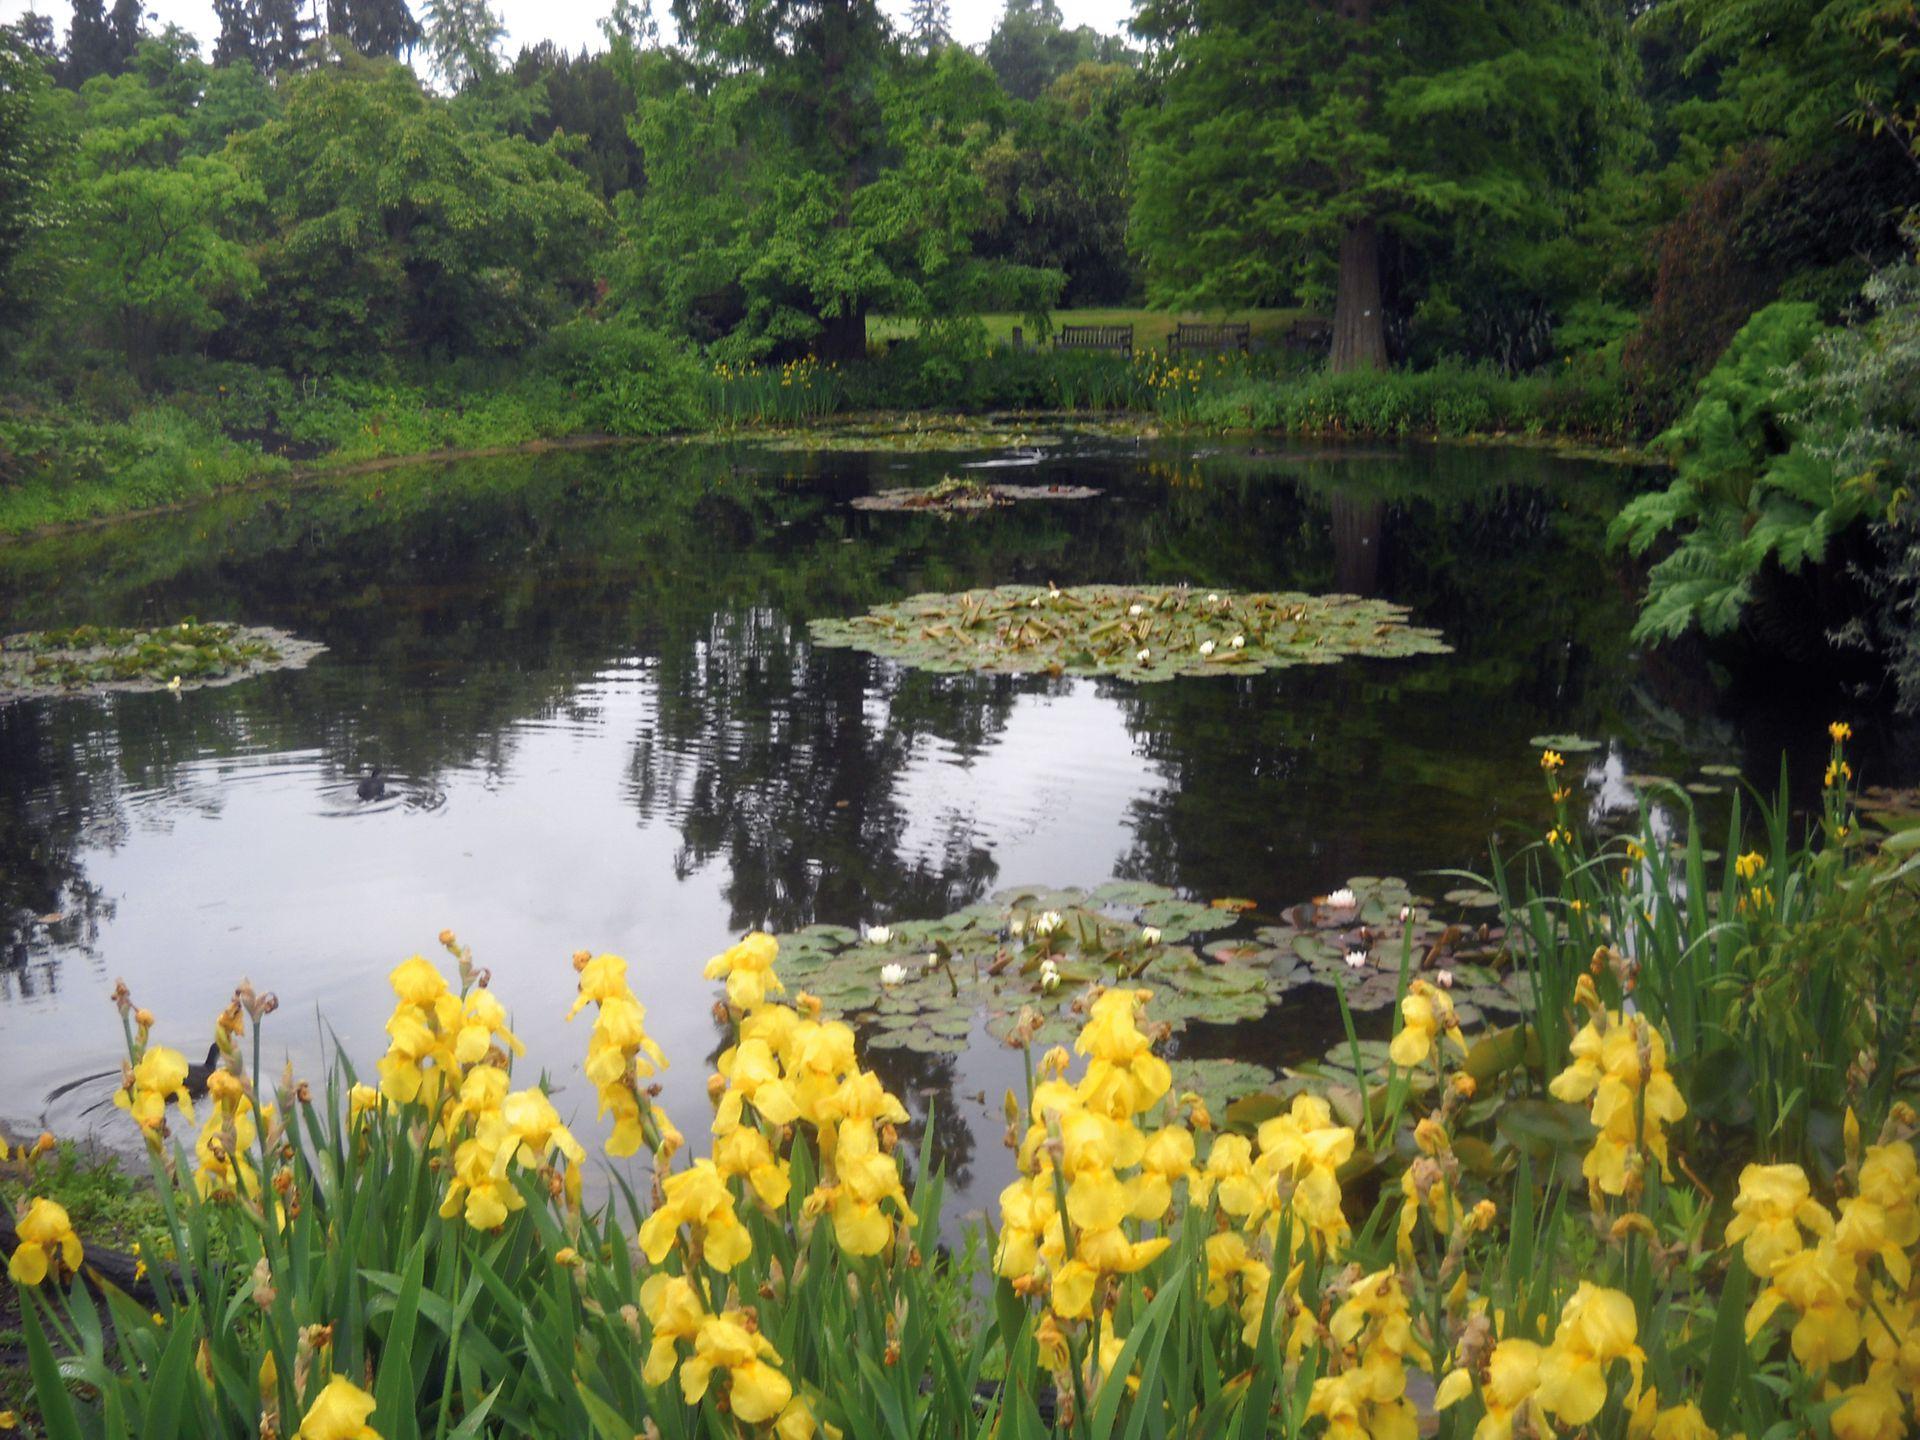 La naturaleza mantendrá el equilibrio natural del jardín acuático